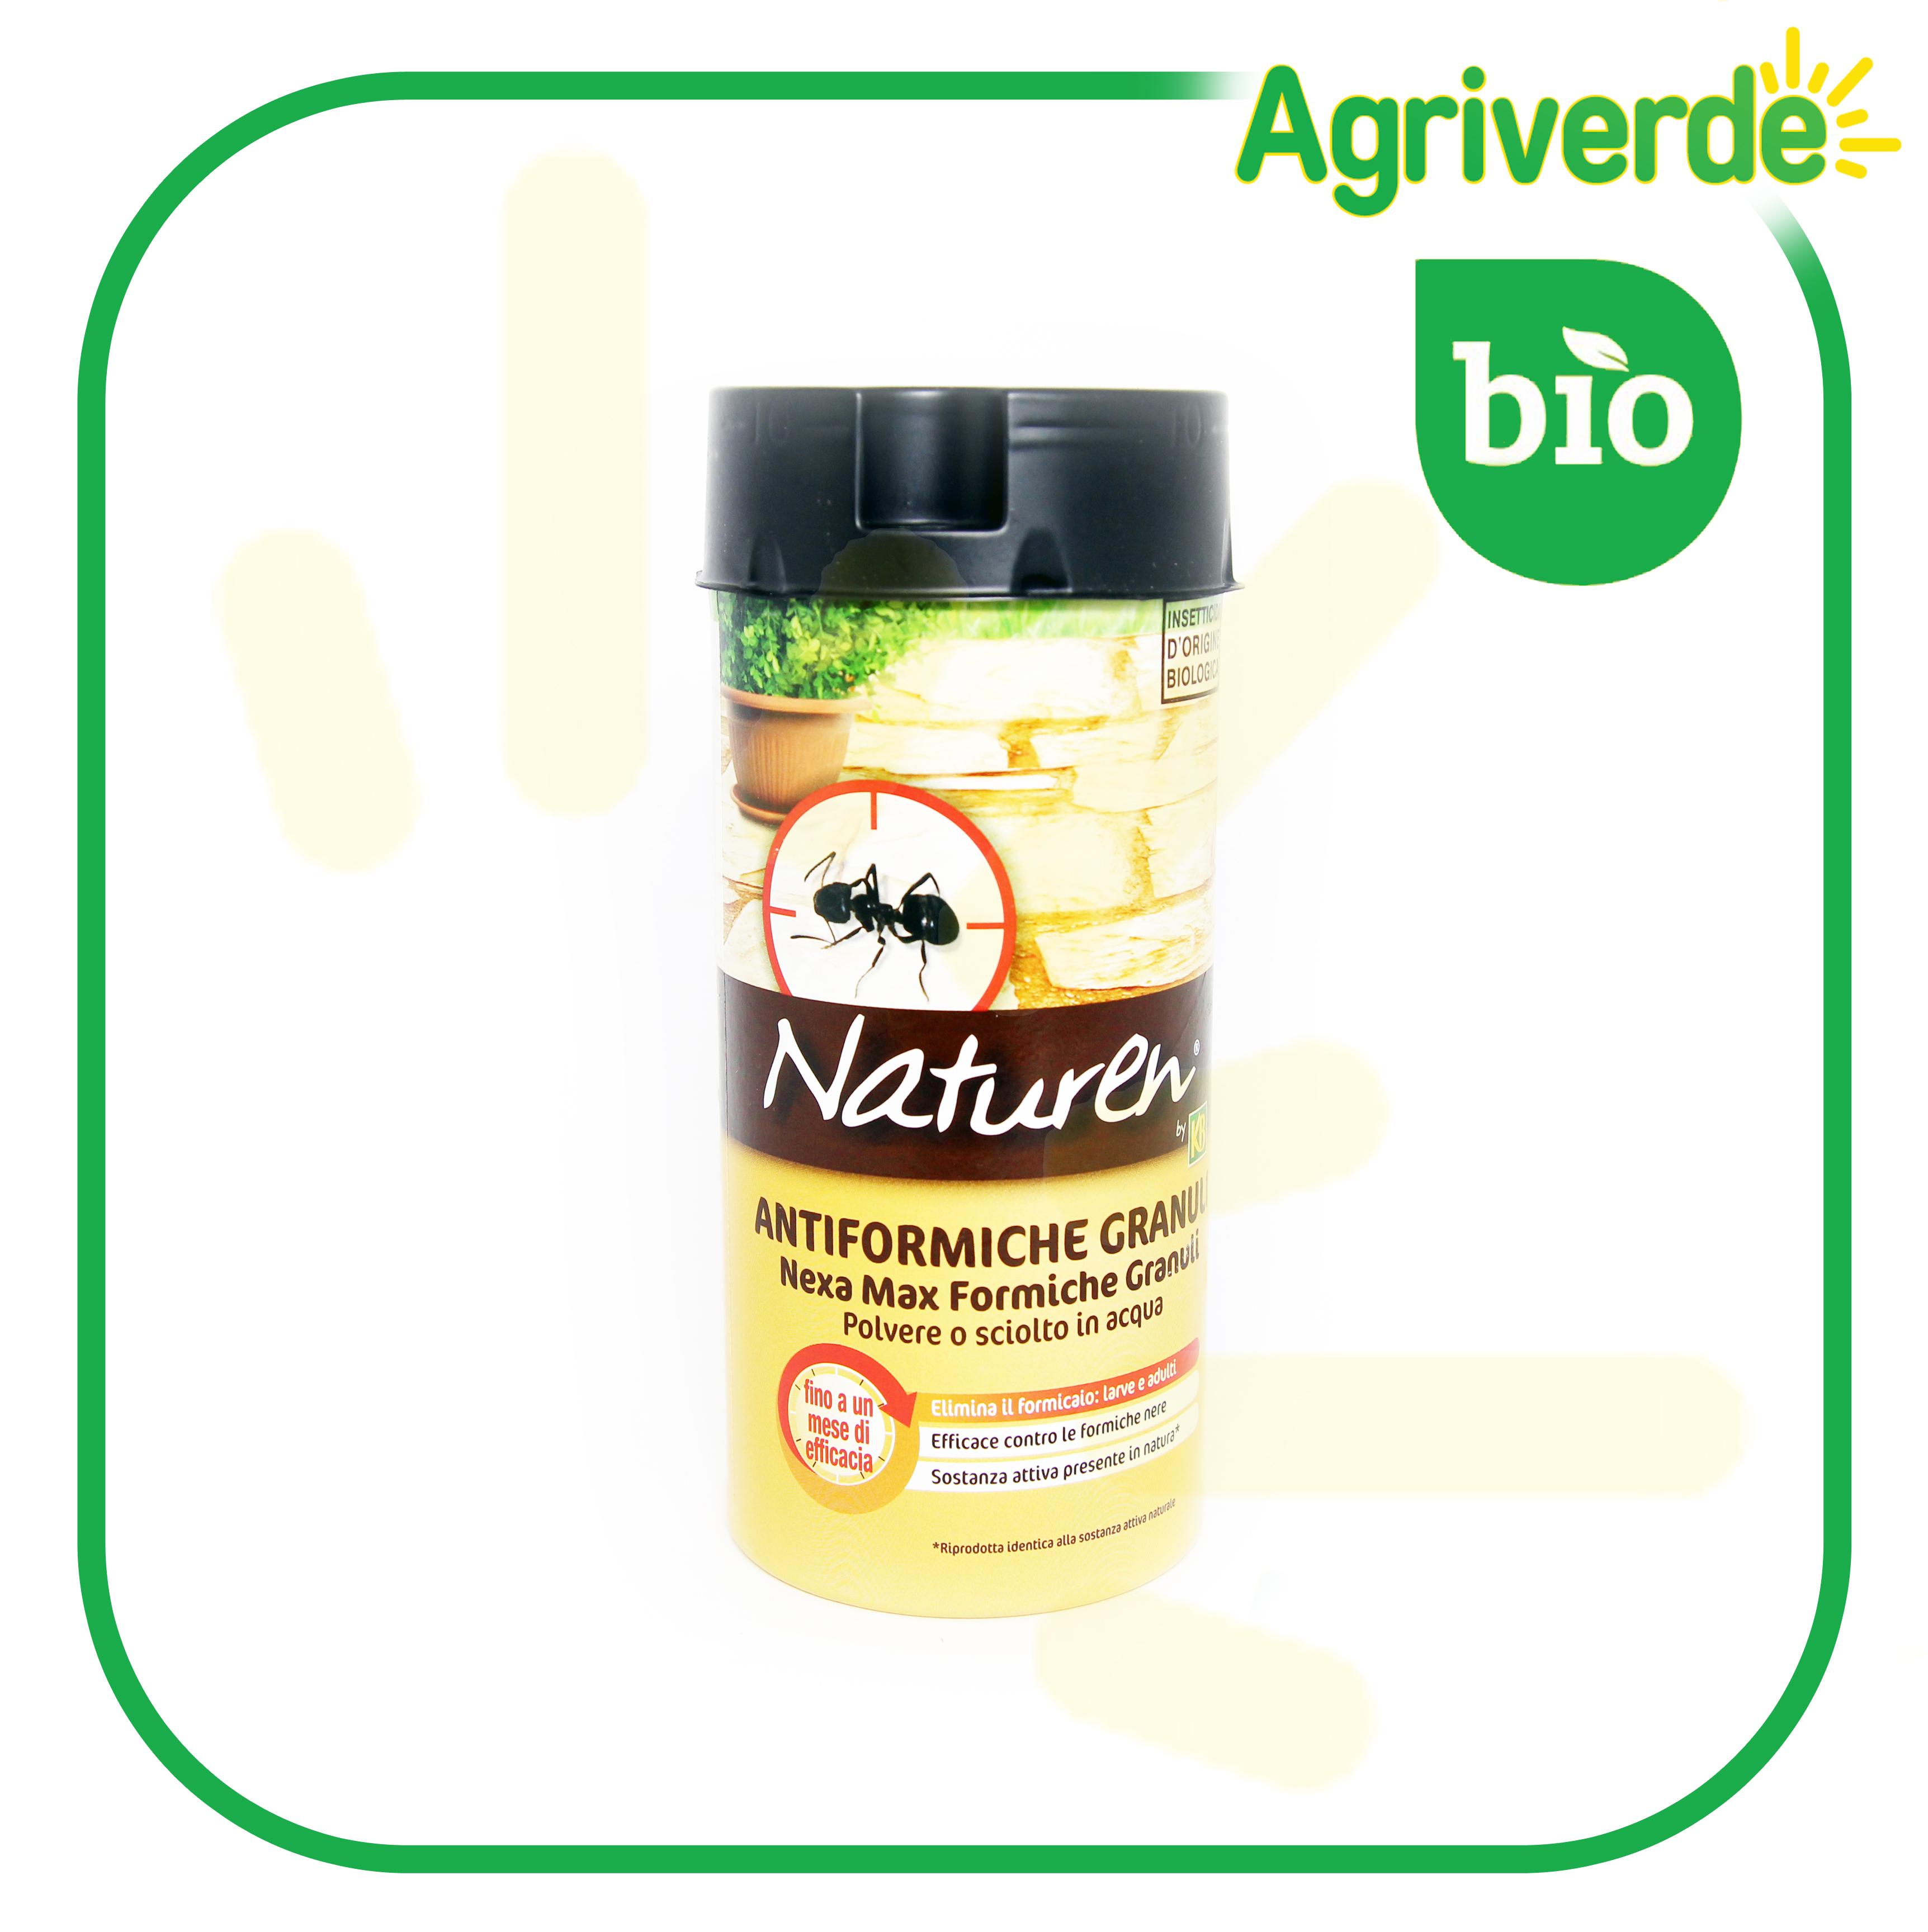 Prodotti Efficaci Contro Le Formiche details about antiformiche in granuli naturen nexa max formiche granuli 250  gr naturale - kb